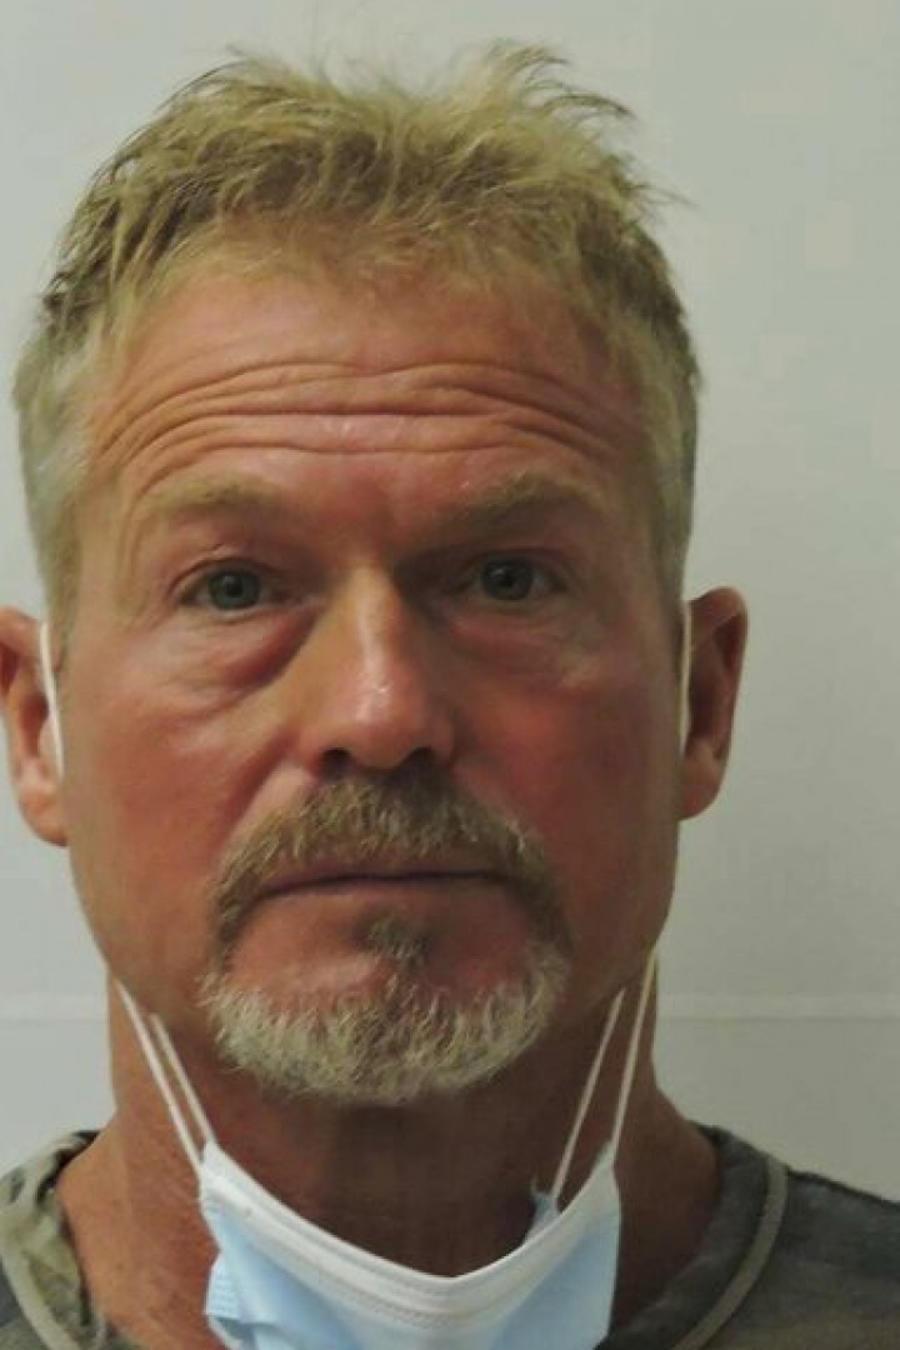 Barry Morphew arrestado por la desaparición de su esposa Suzanne Morphew